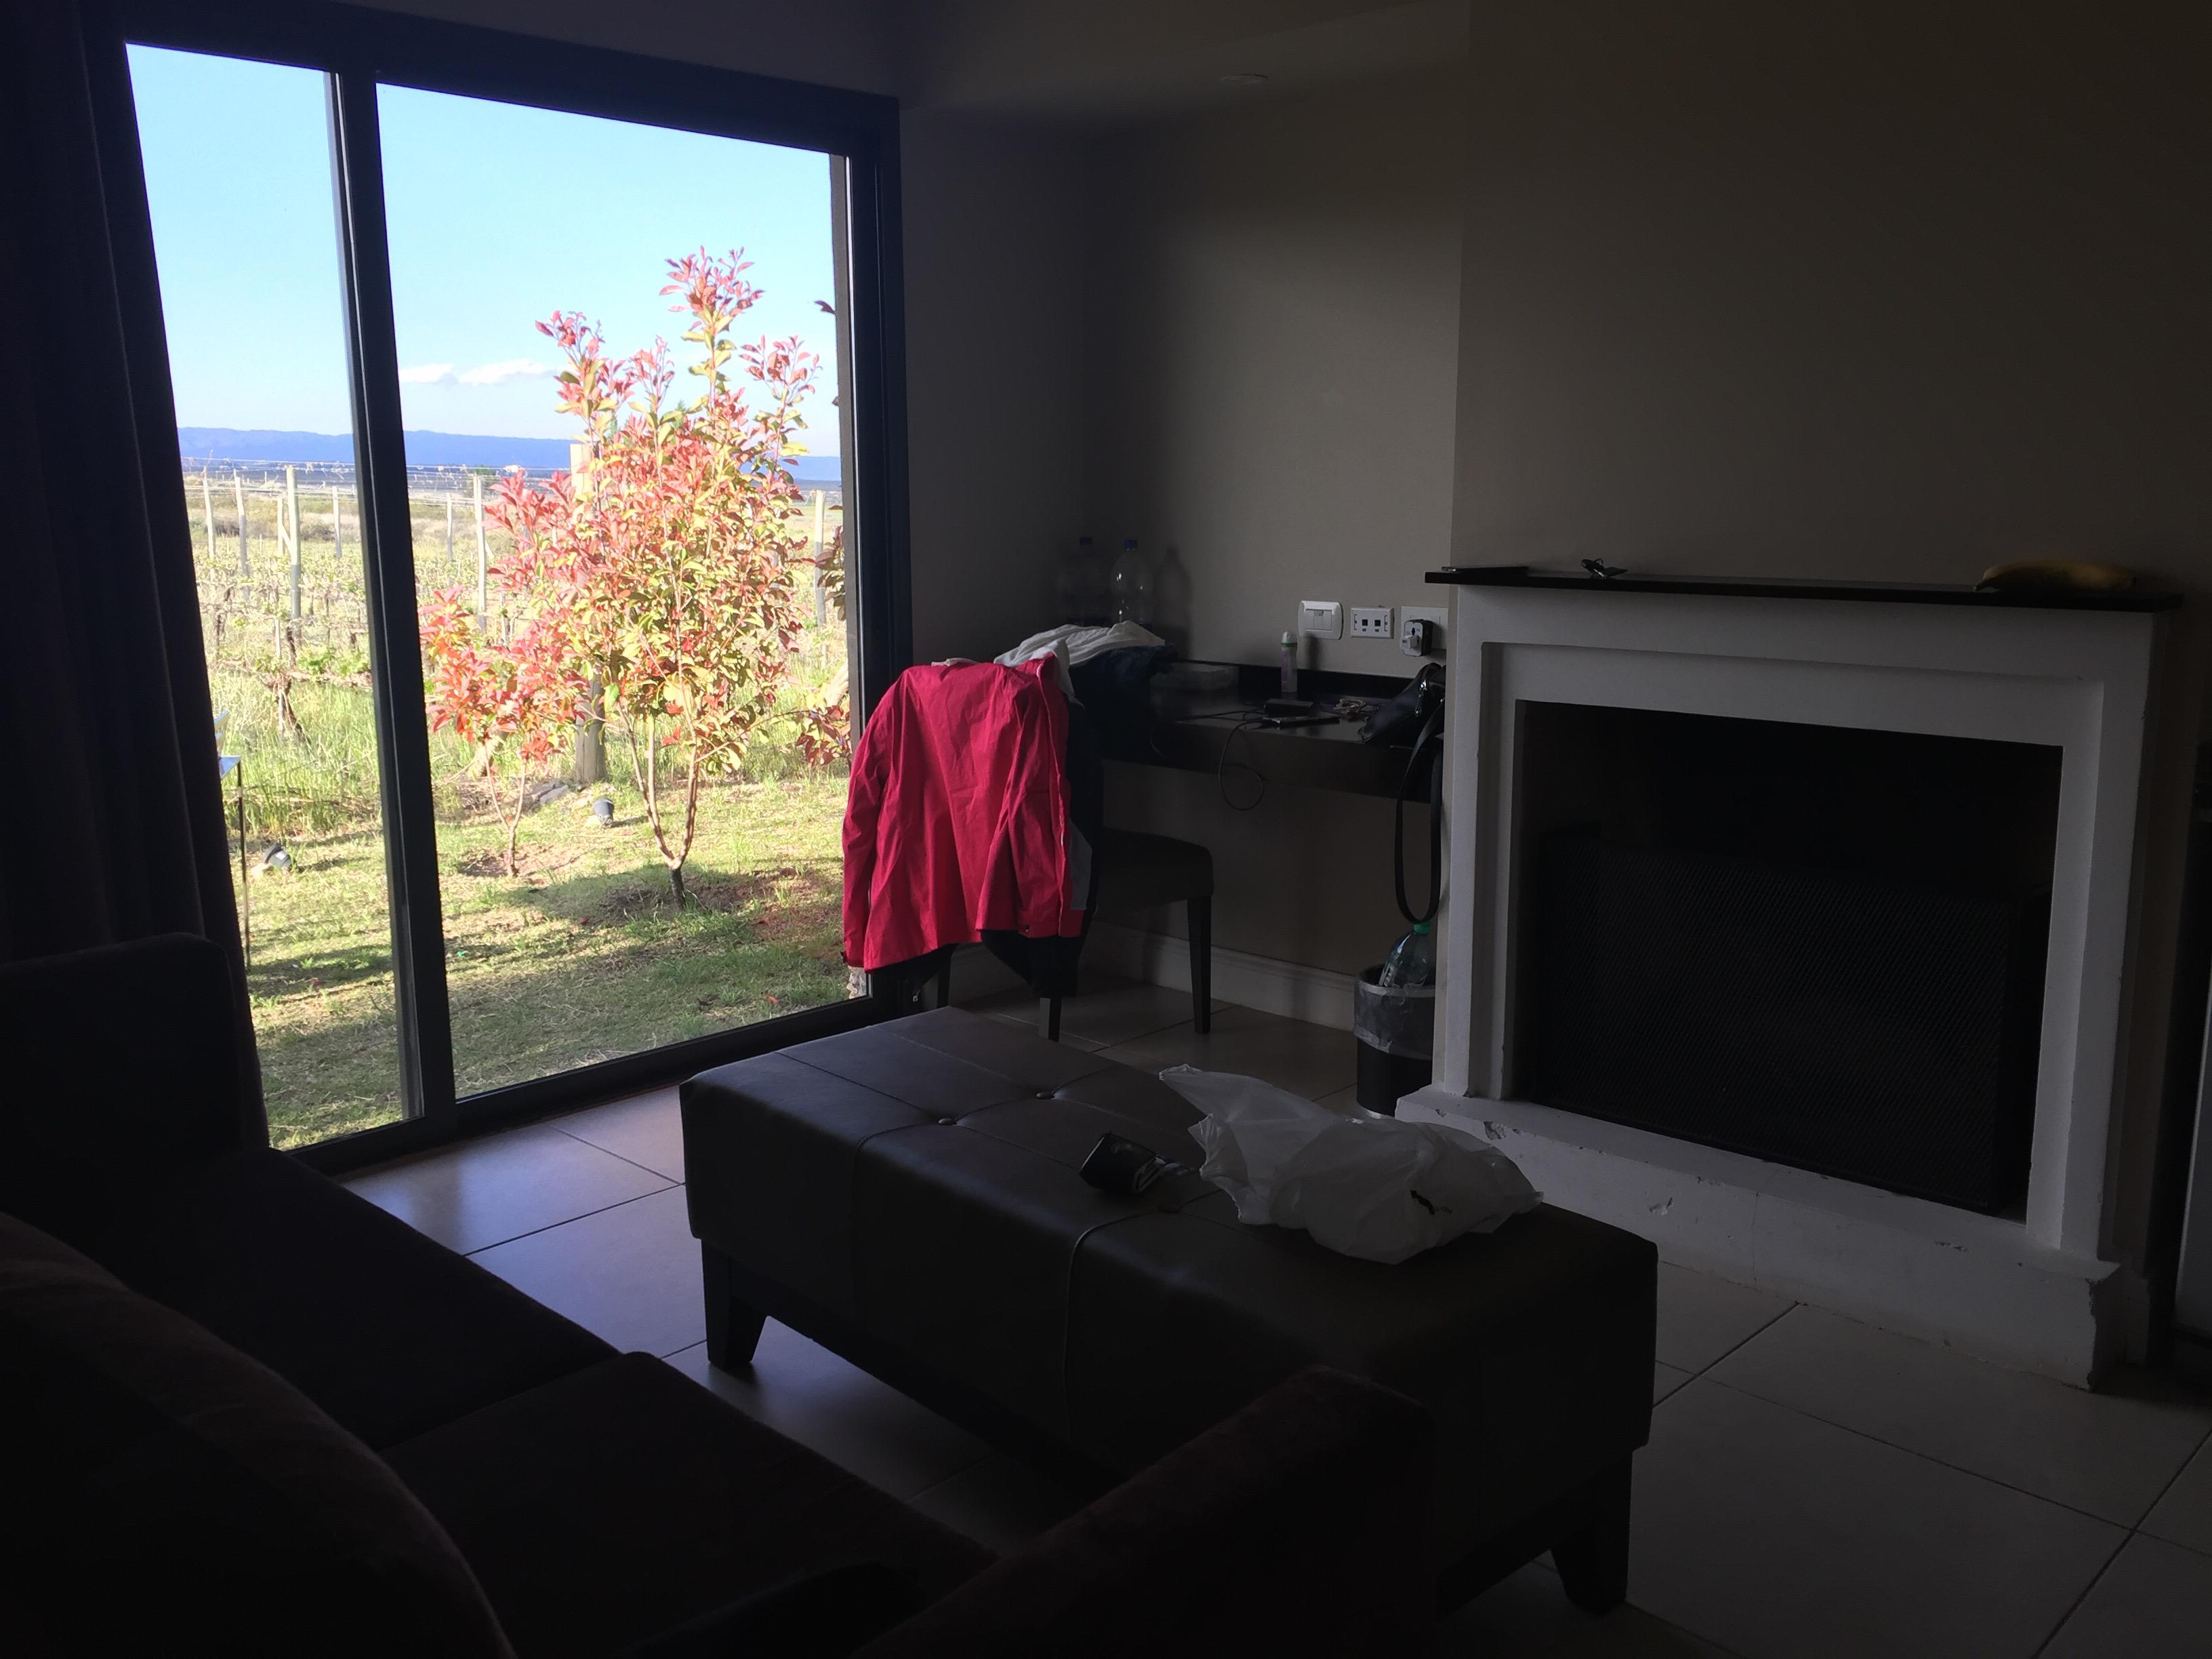 img 8910 - Hotel Auberge du Vin en Mendoza